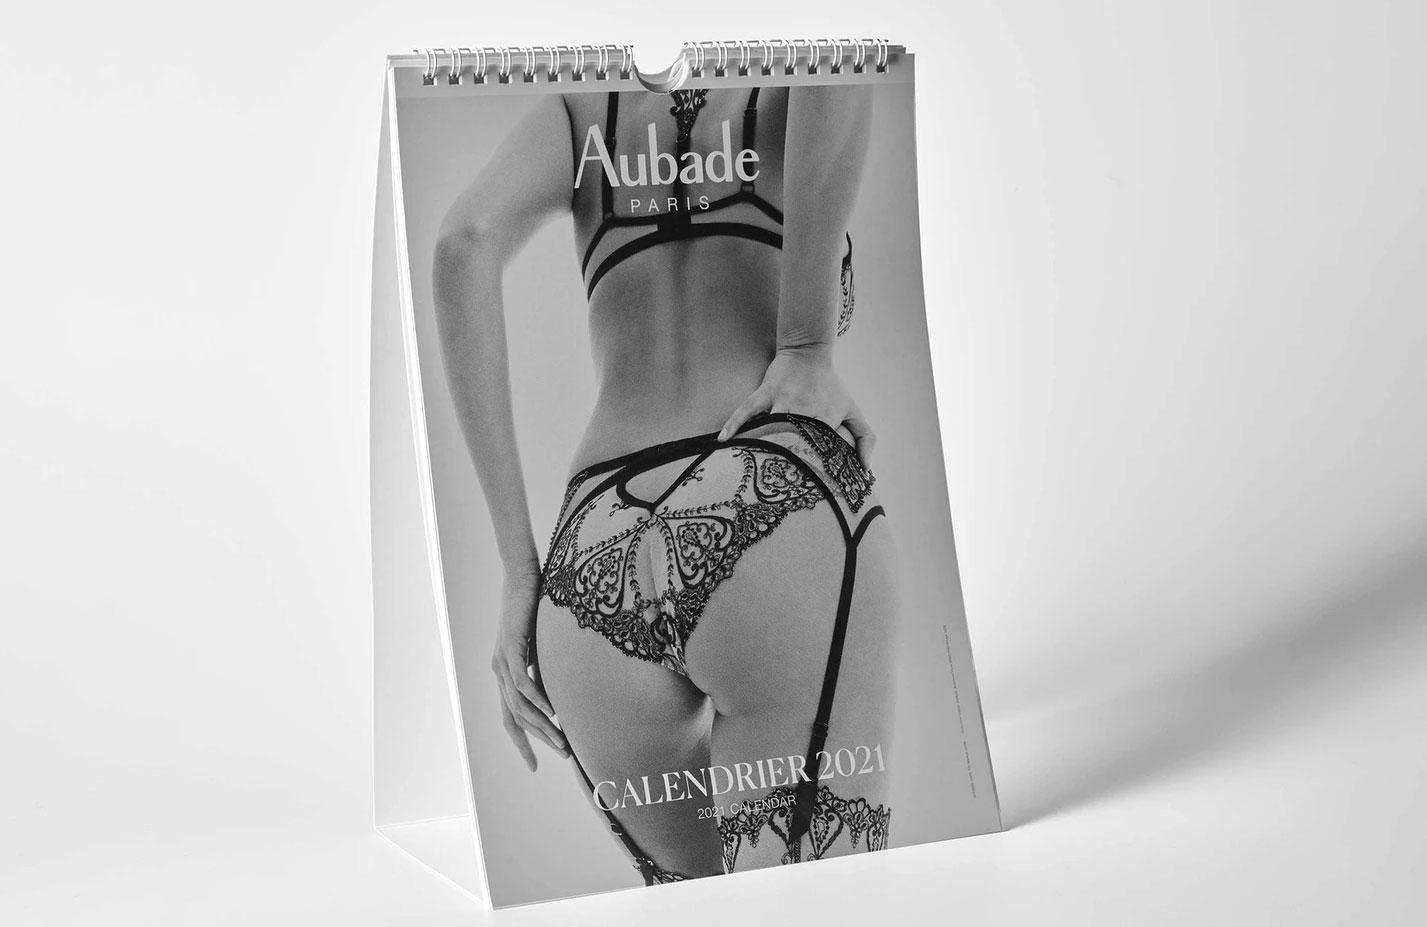 календарь французского производителя нижнего белья Aubade на 2021 год / обложка